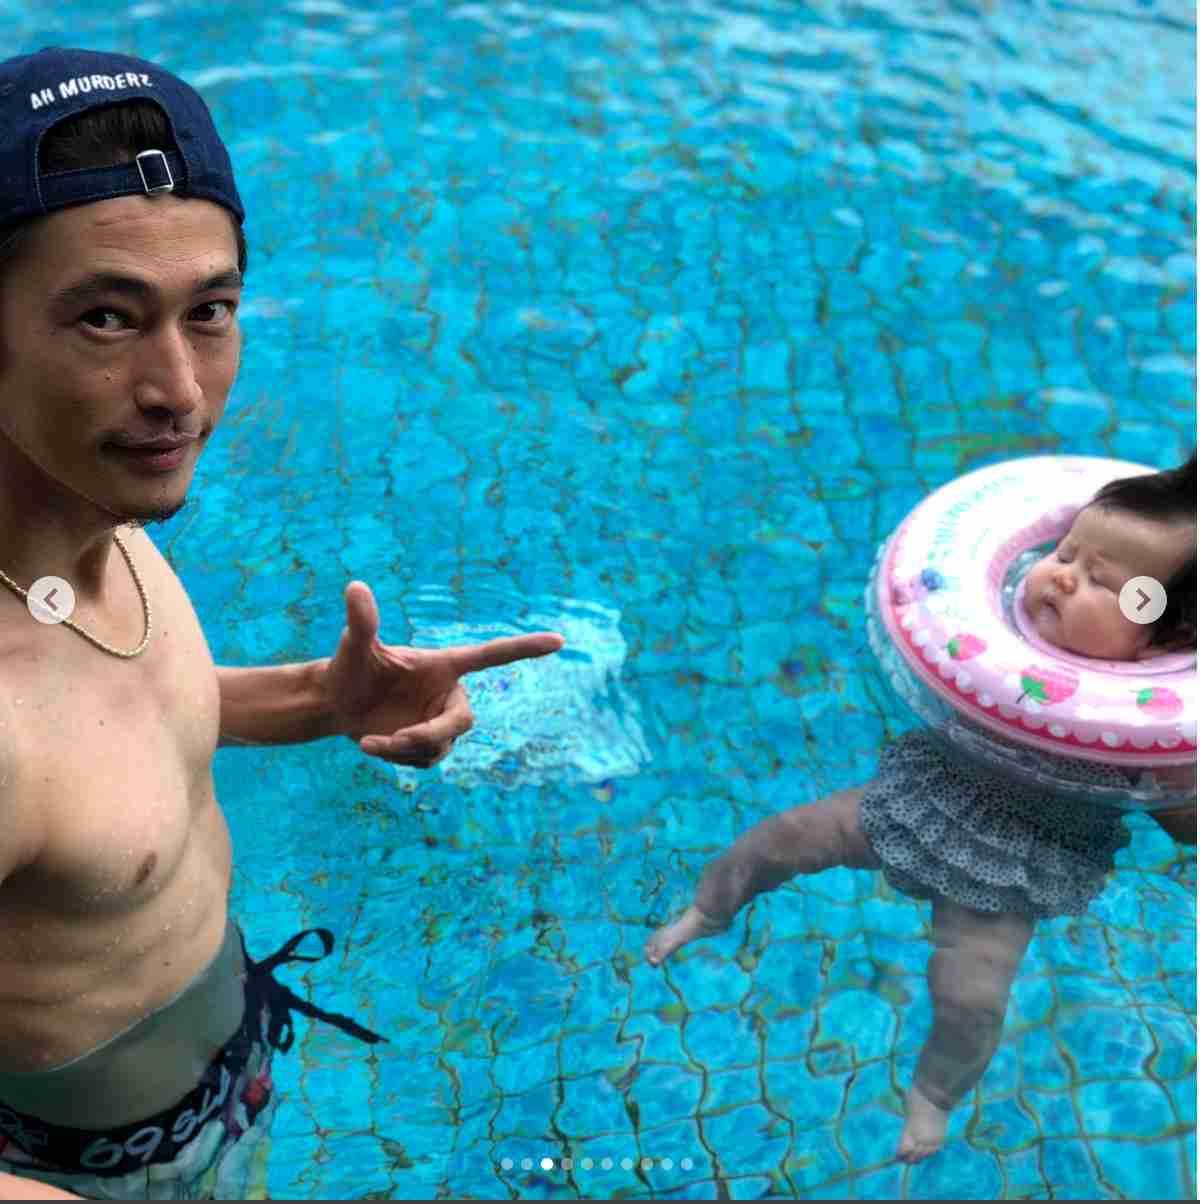 窪塚洋介、バリ島で生後3か月の娘とプールで遊ぶ 家族旅行の写真がどれも素敵!